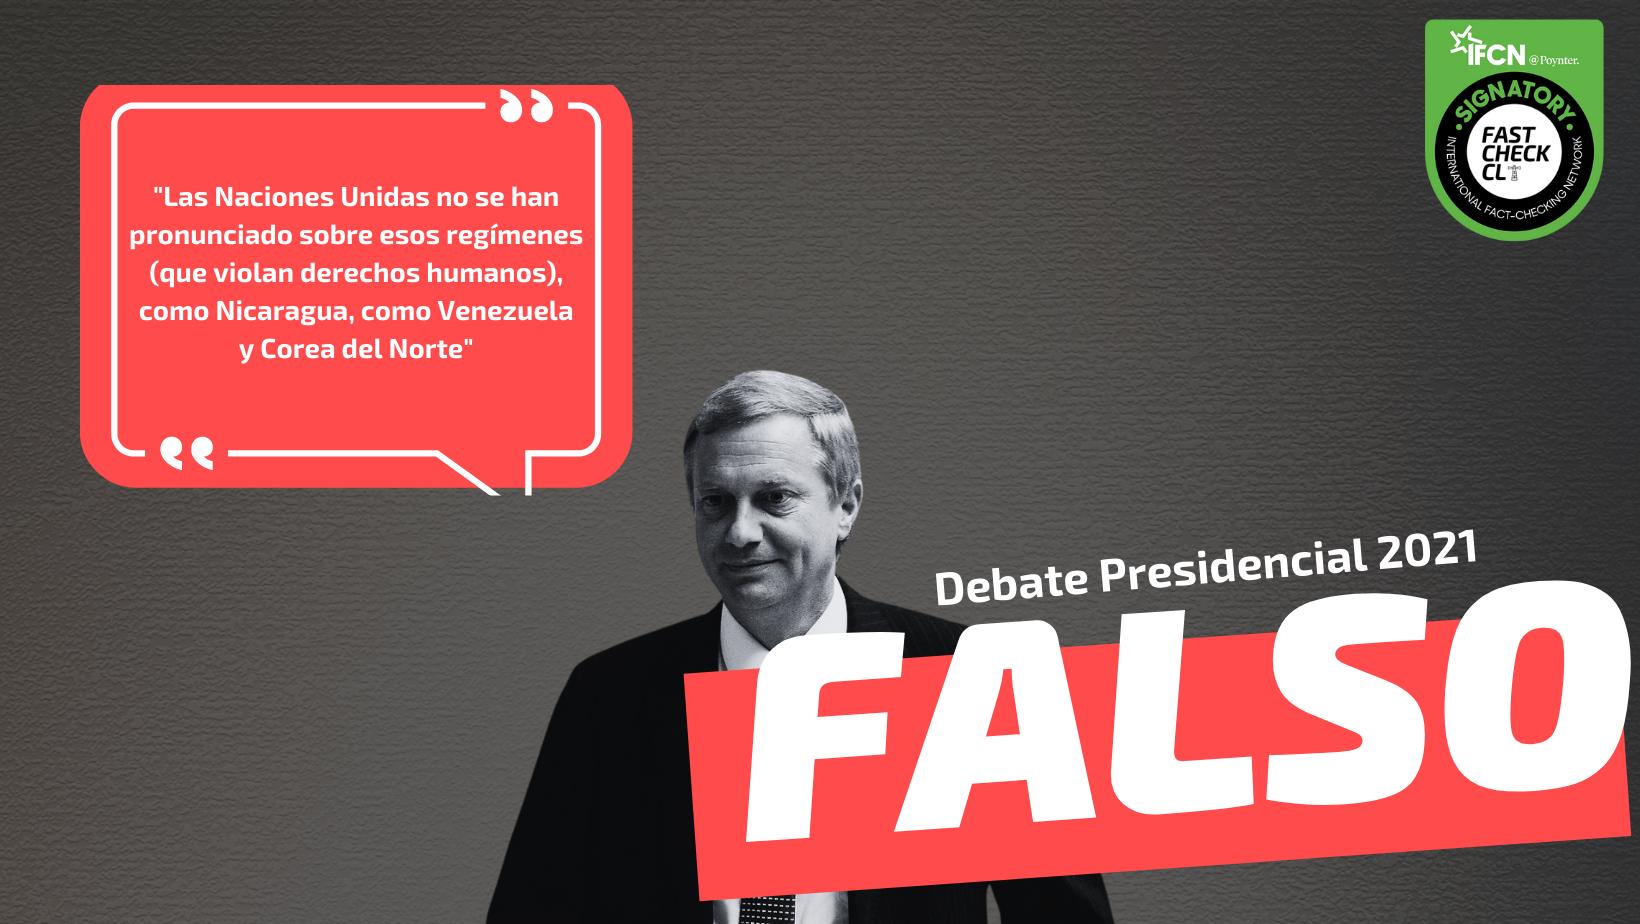 """Read more about the article """"Las Naciones Unidas no se han pronunciado sobre esos regímenes (que violan derechos humanos), como Nicaragua, como Venezuela y Corea del Norte"""": #Falso"""